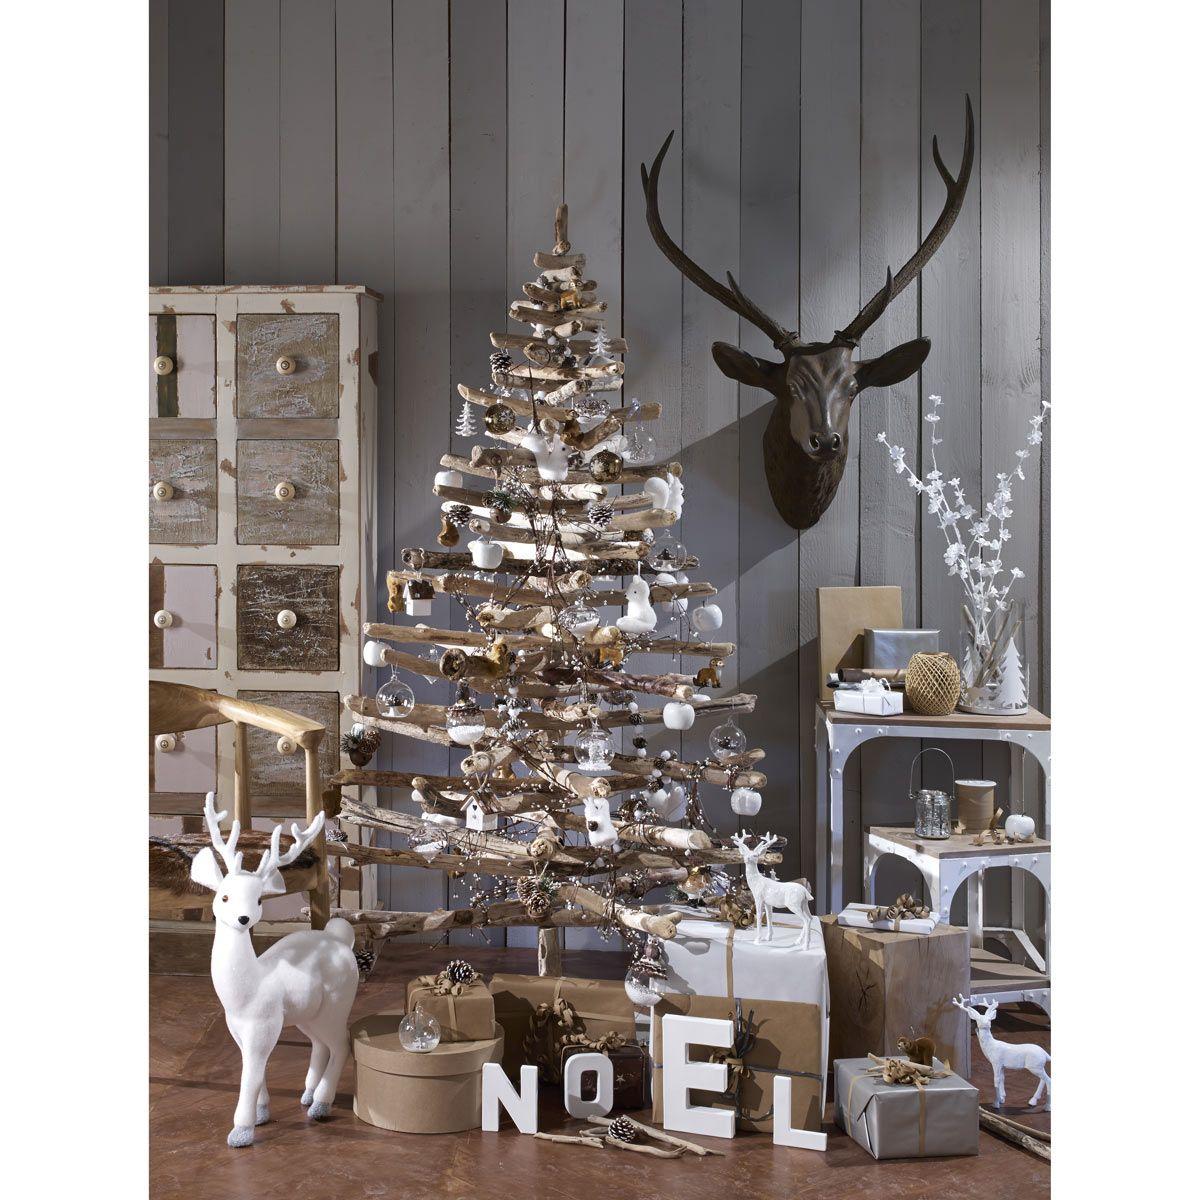 Ambiance noël scandinave  sapin en bois, pomme de pin et décoration blanche